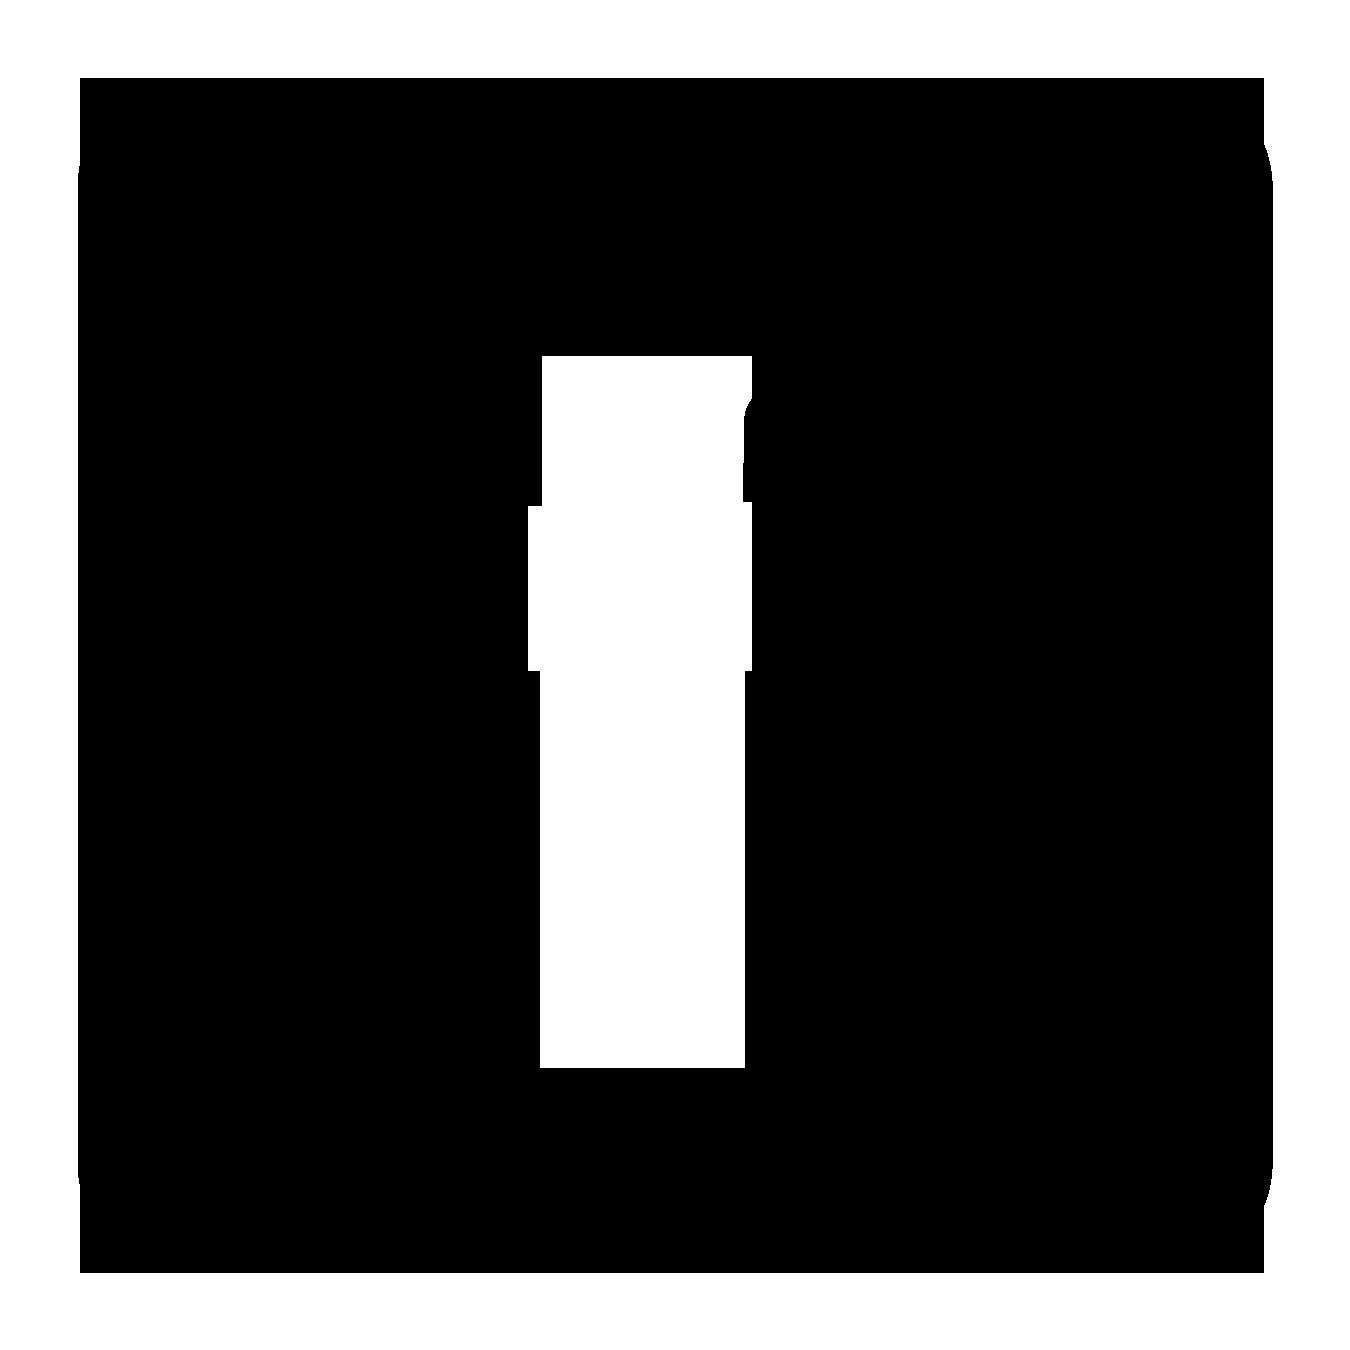 1350x1350 Instagram Logo Vector